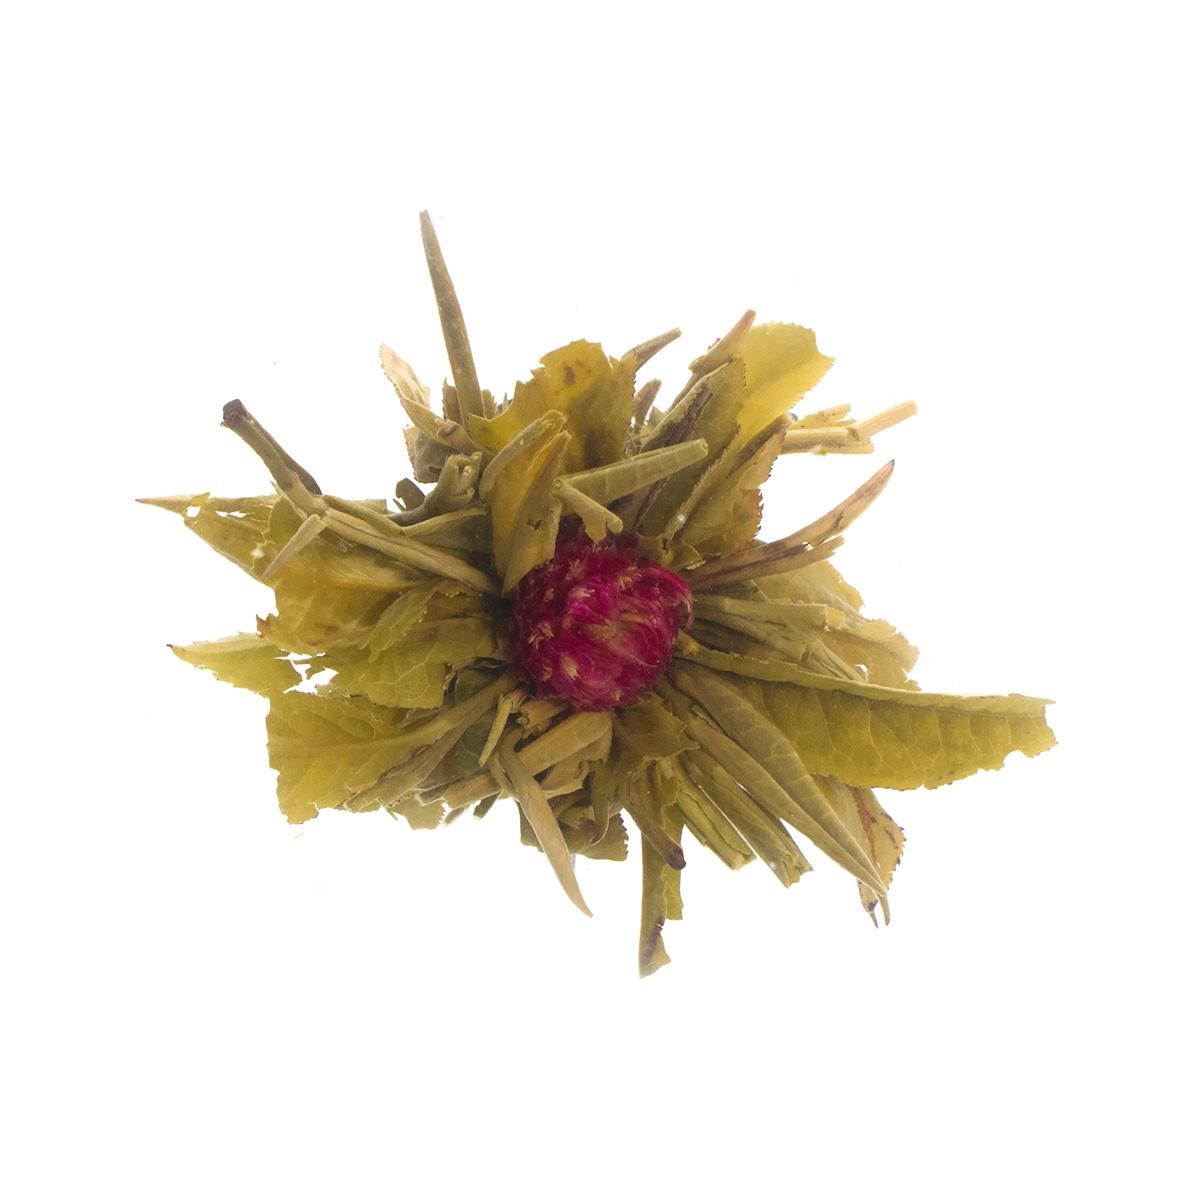 Связанный чай Моли Юй Лун Тао (Жасминовый персик Дракона), в уп. 5 шт.